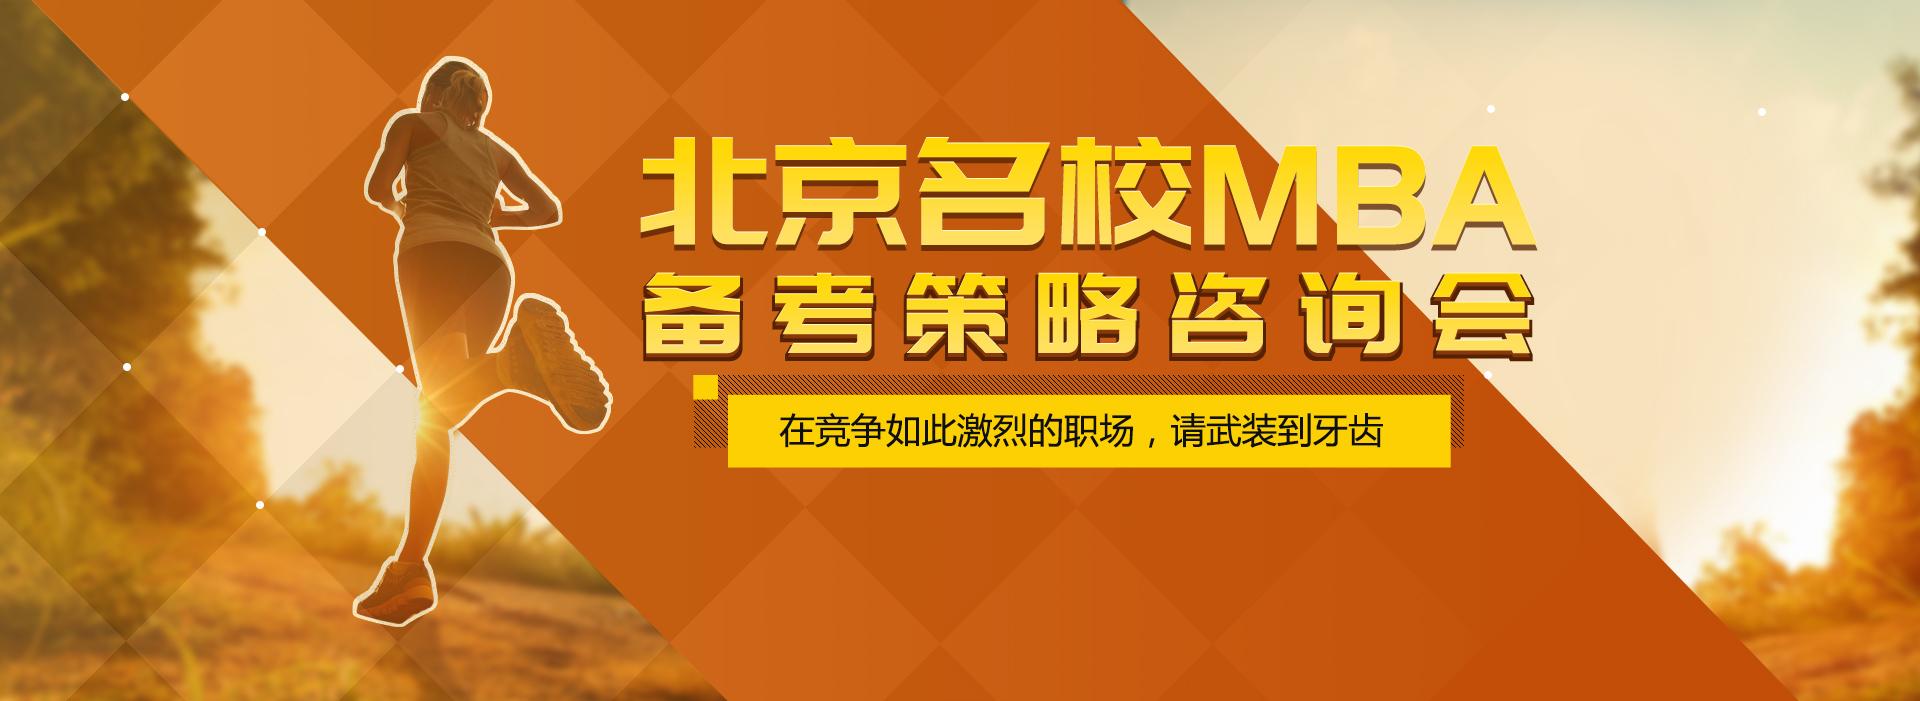 北京泰祺MBA-提前面试